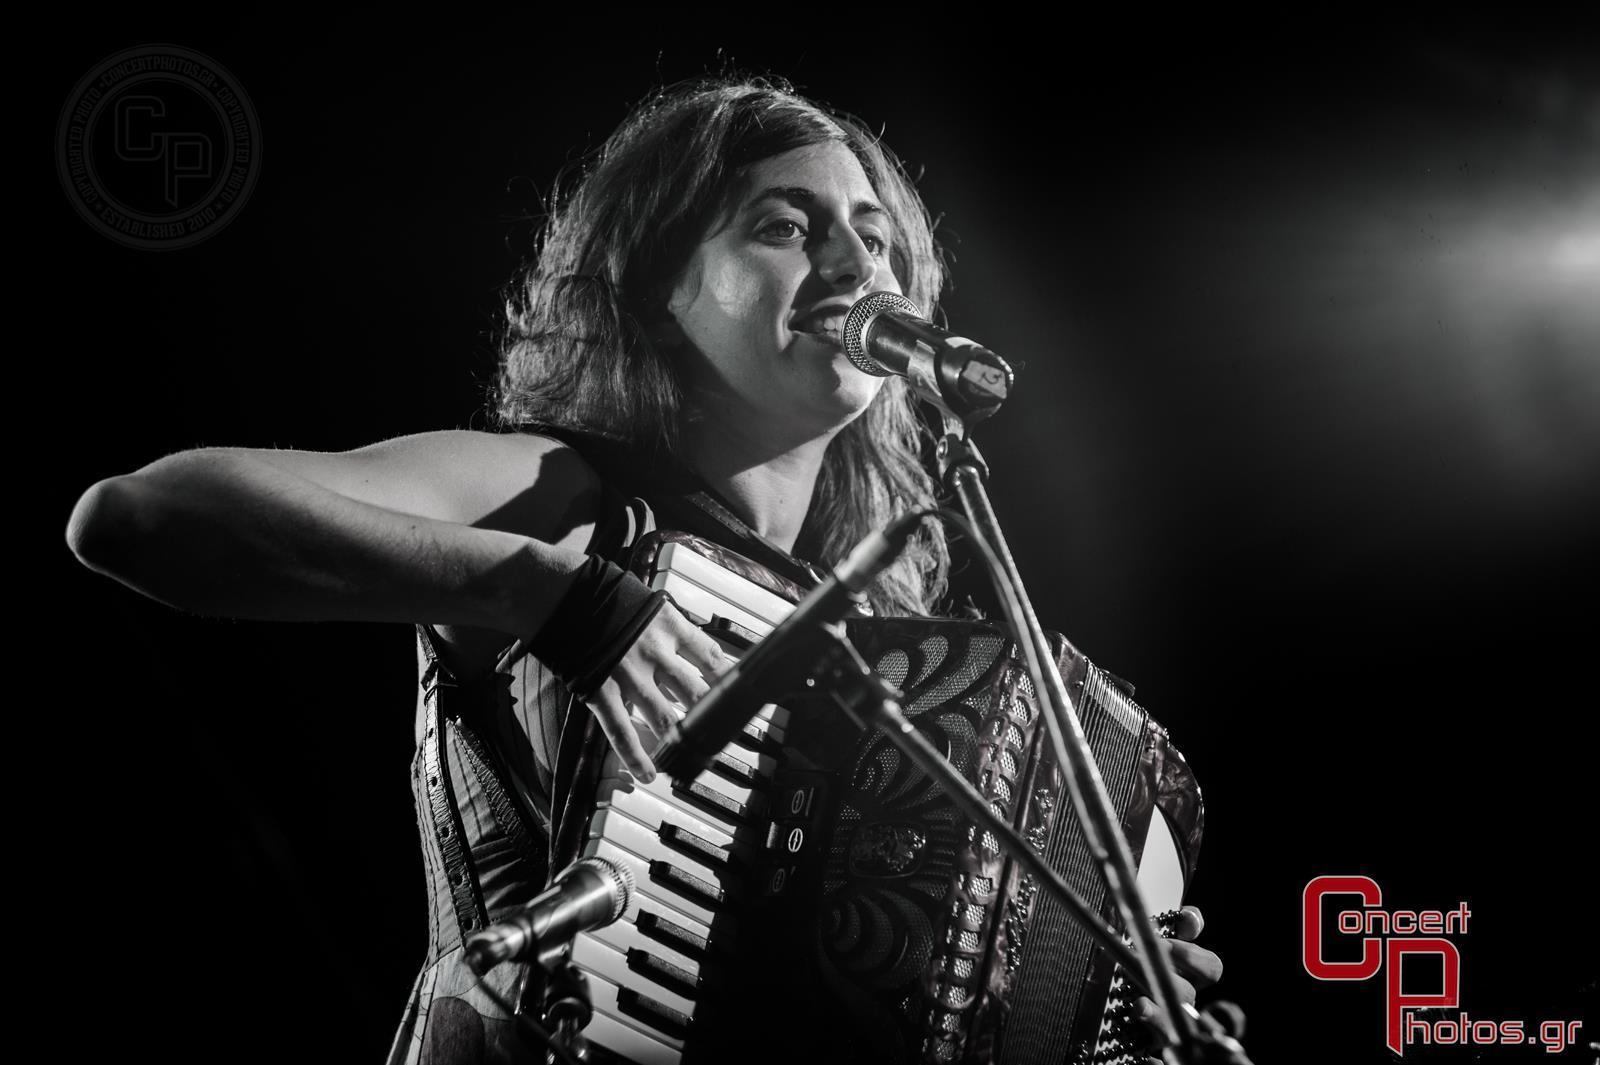 Μία συναυλία για τη Σχεδία 2014-Sxedia 2014 photographer:  - concertphotos_20140526_21_46_04